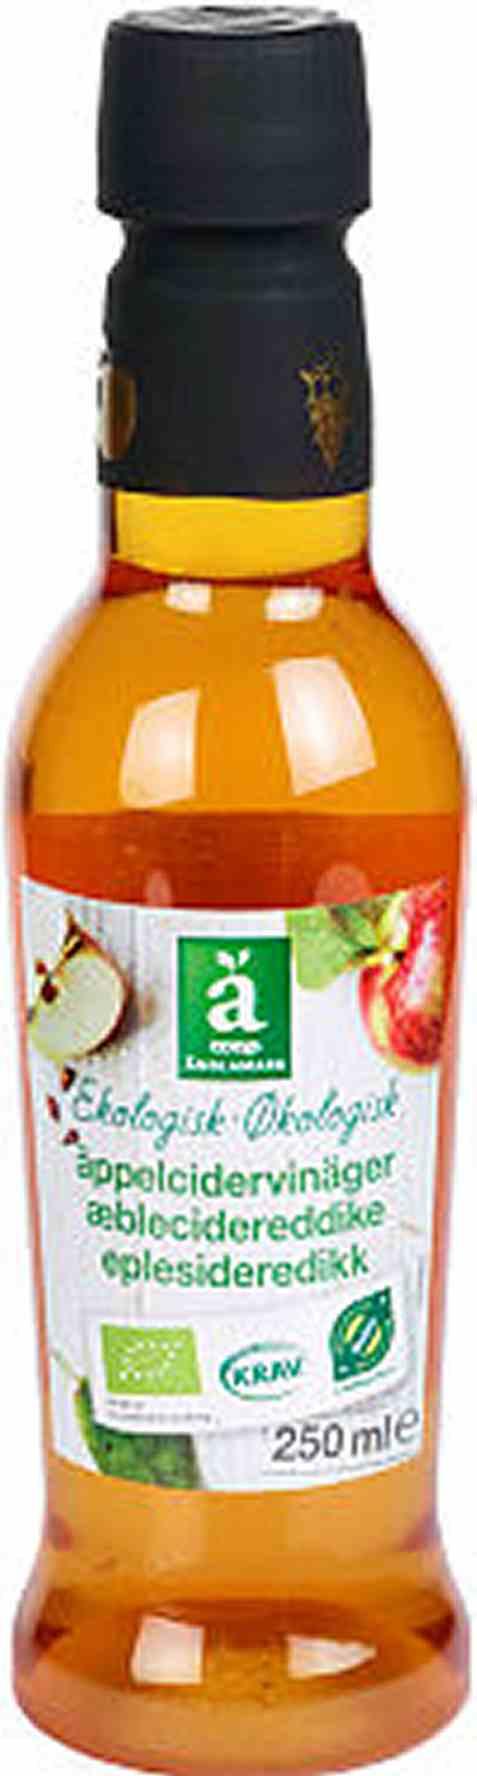 Bilde av Coop anglamark Økologisk eplesider 250 ml.